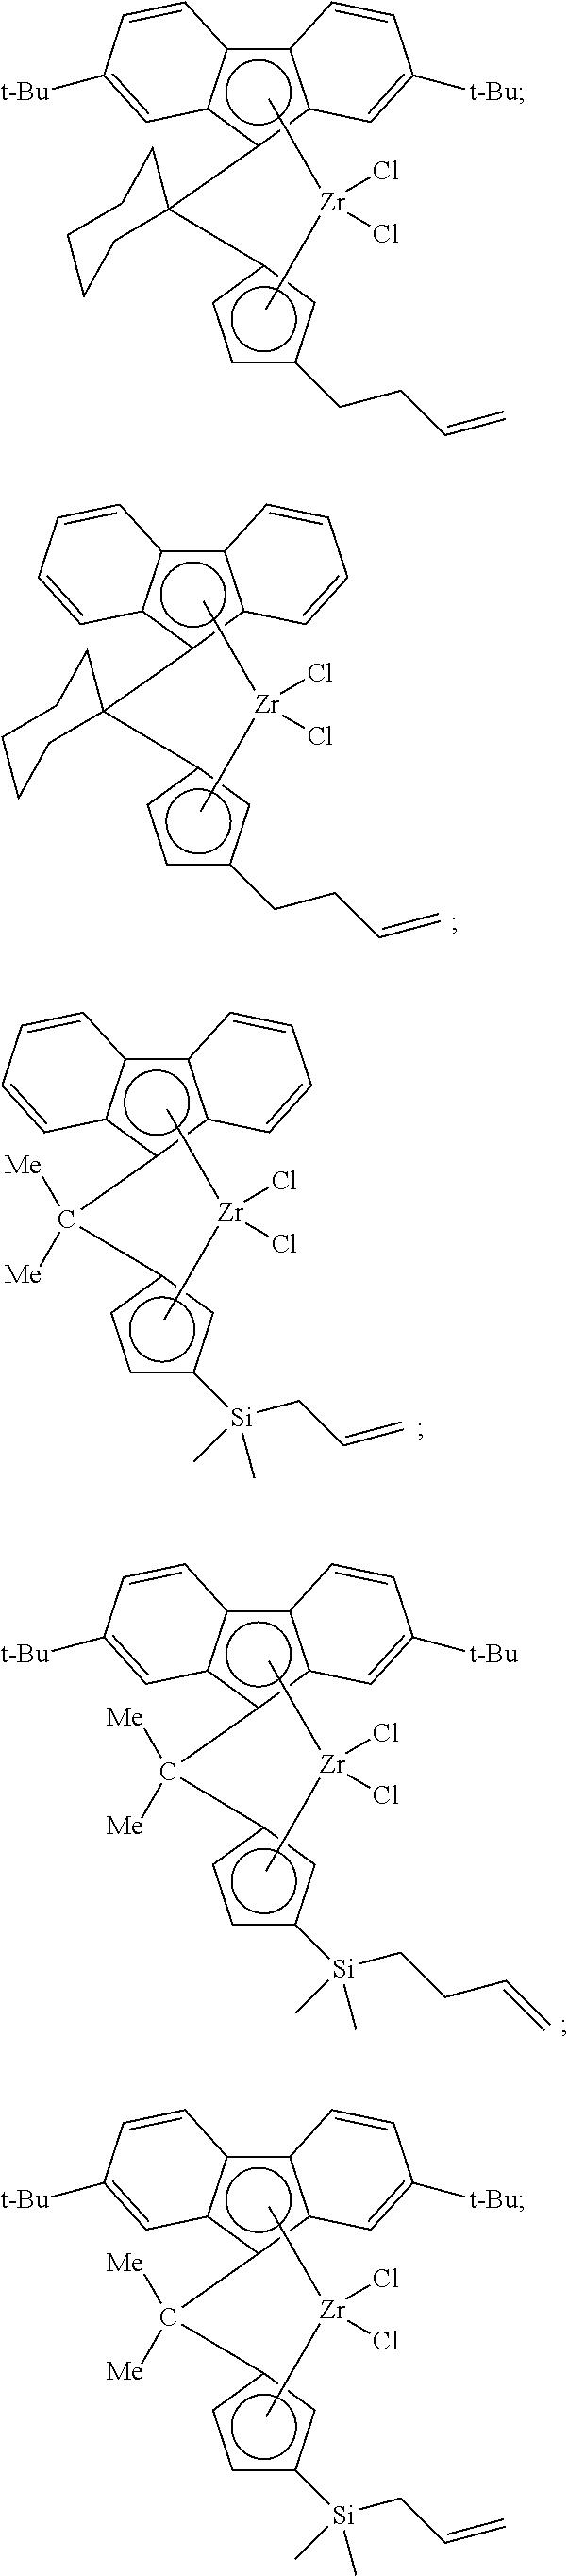 Figure US09273159-20160301-C00012